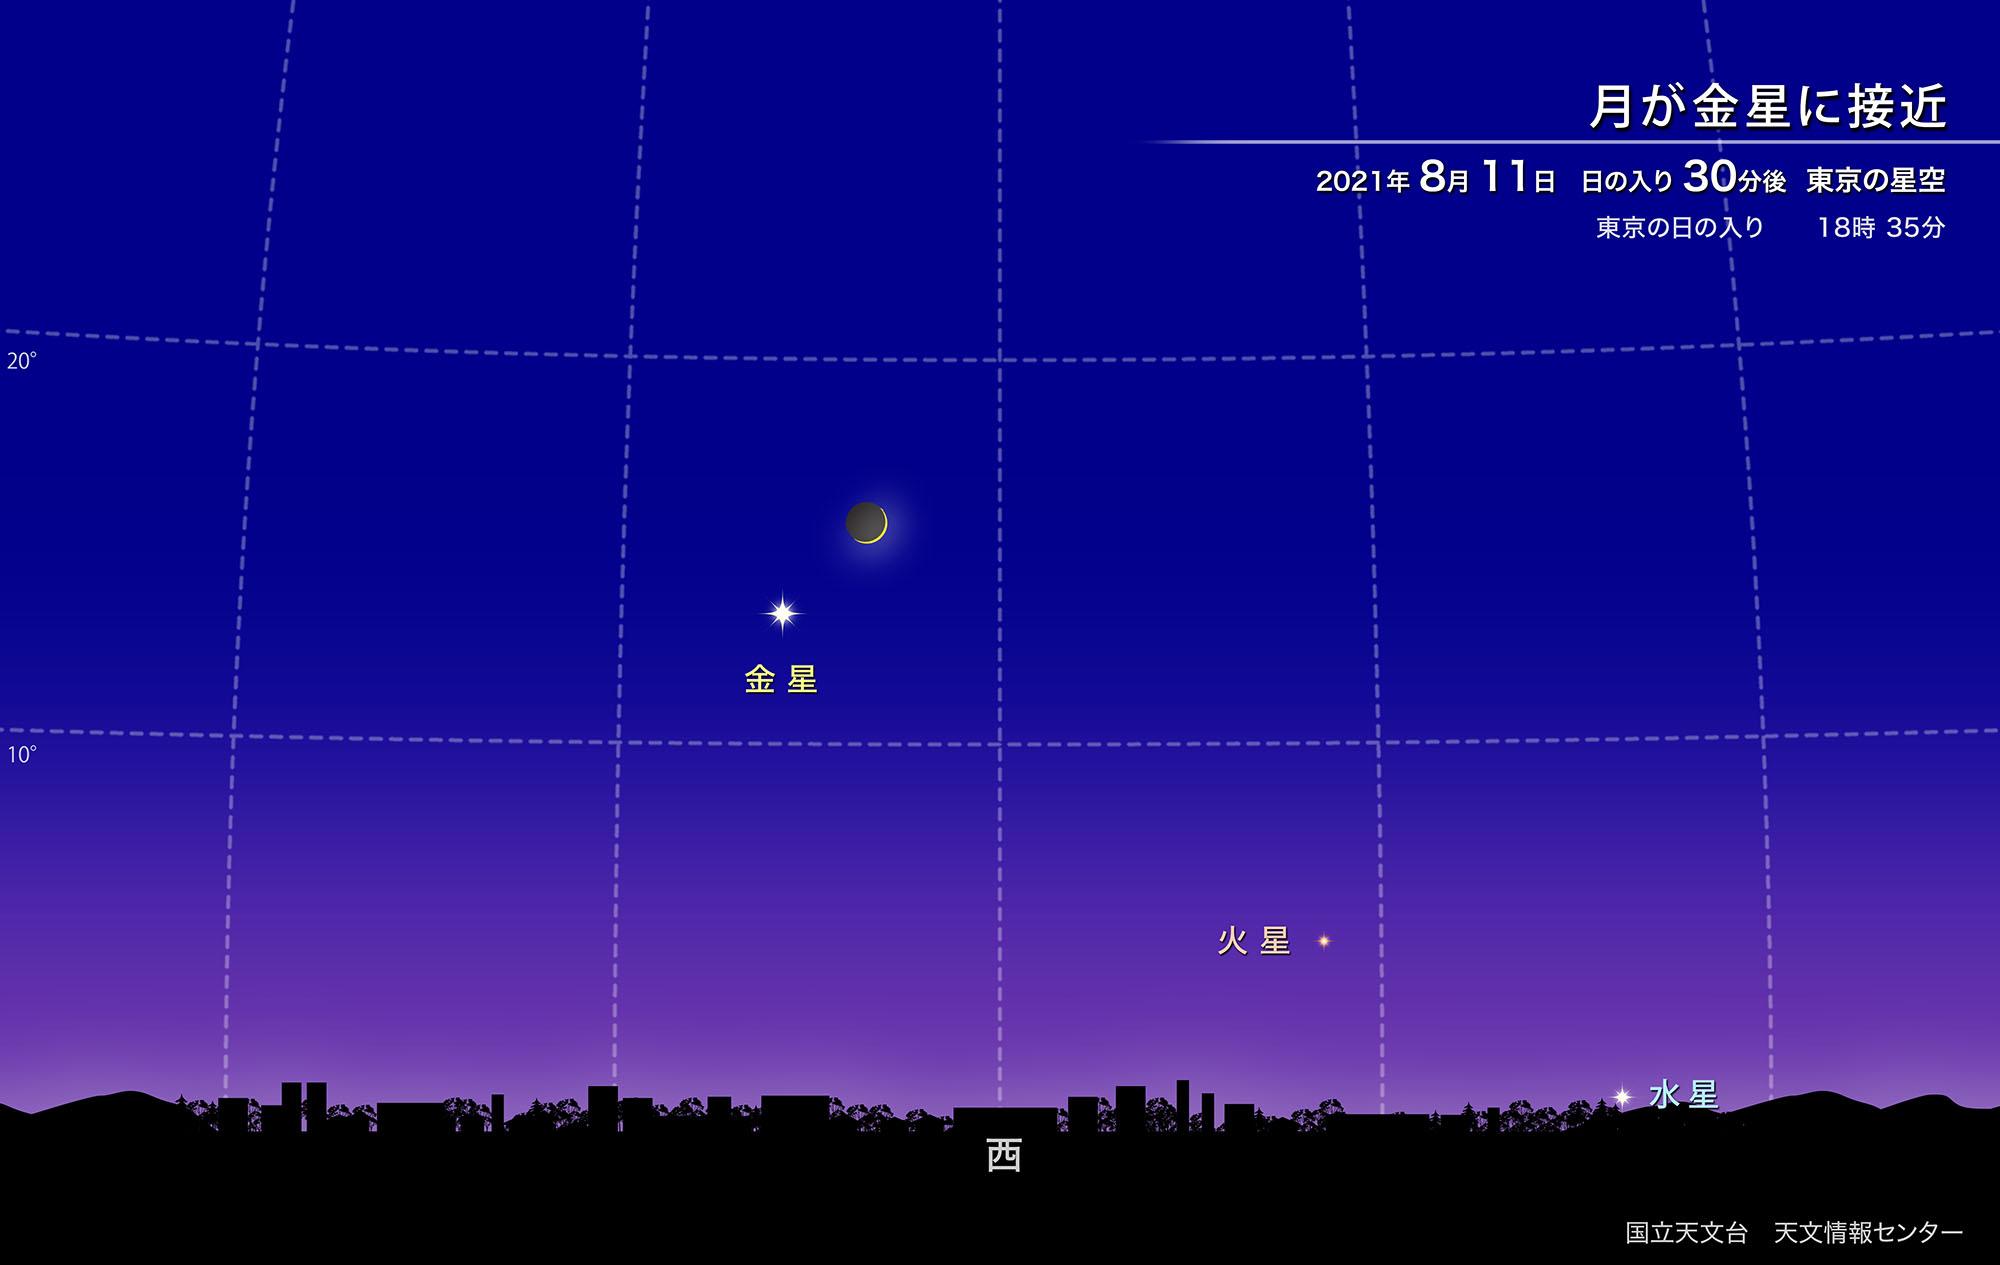 月が金星に接近(2021年8月) | 国立天文台(NAOJ)